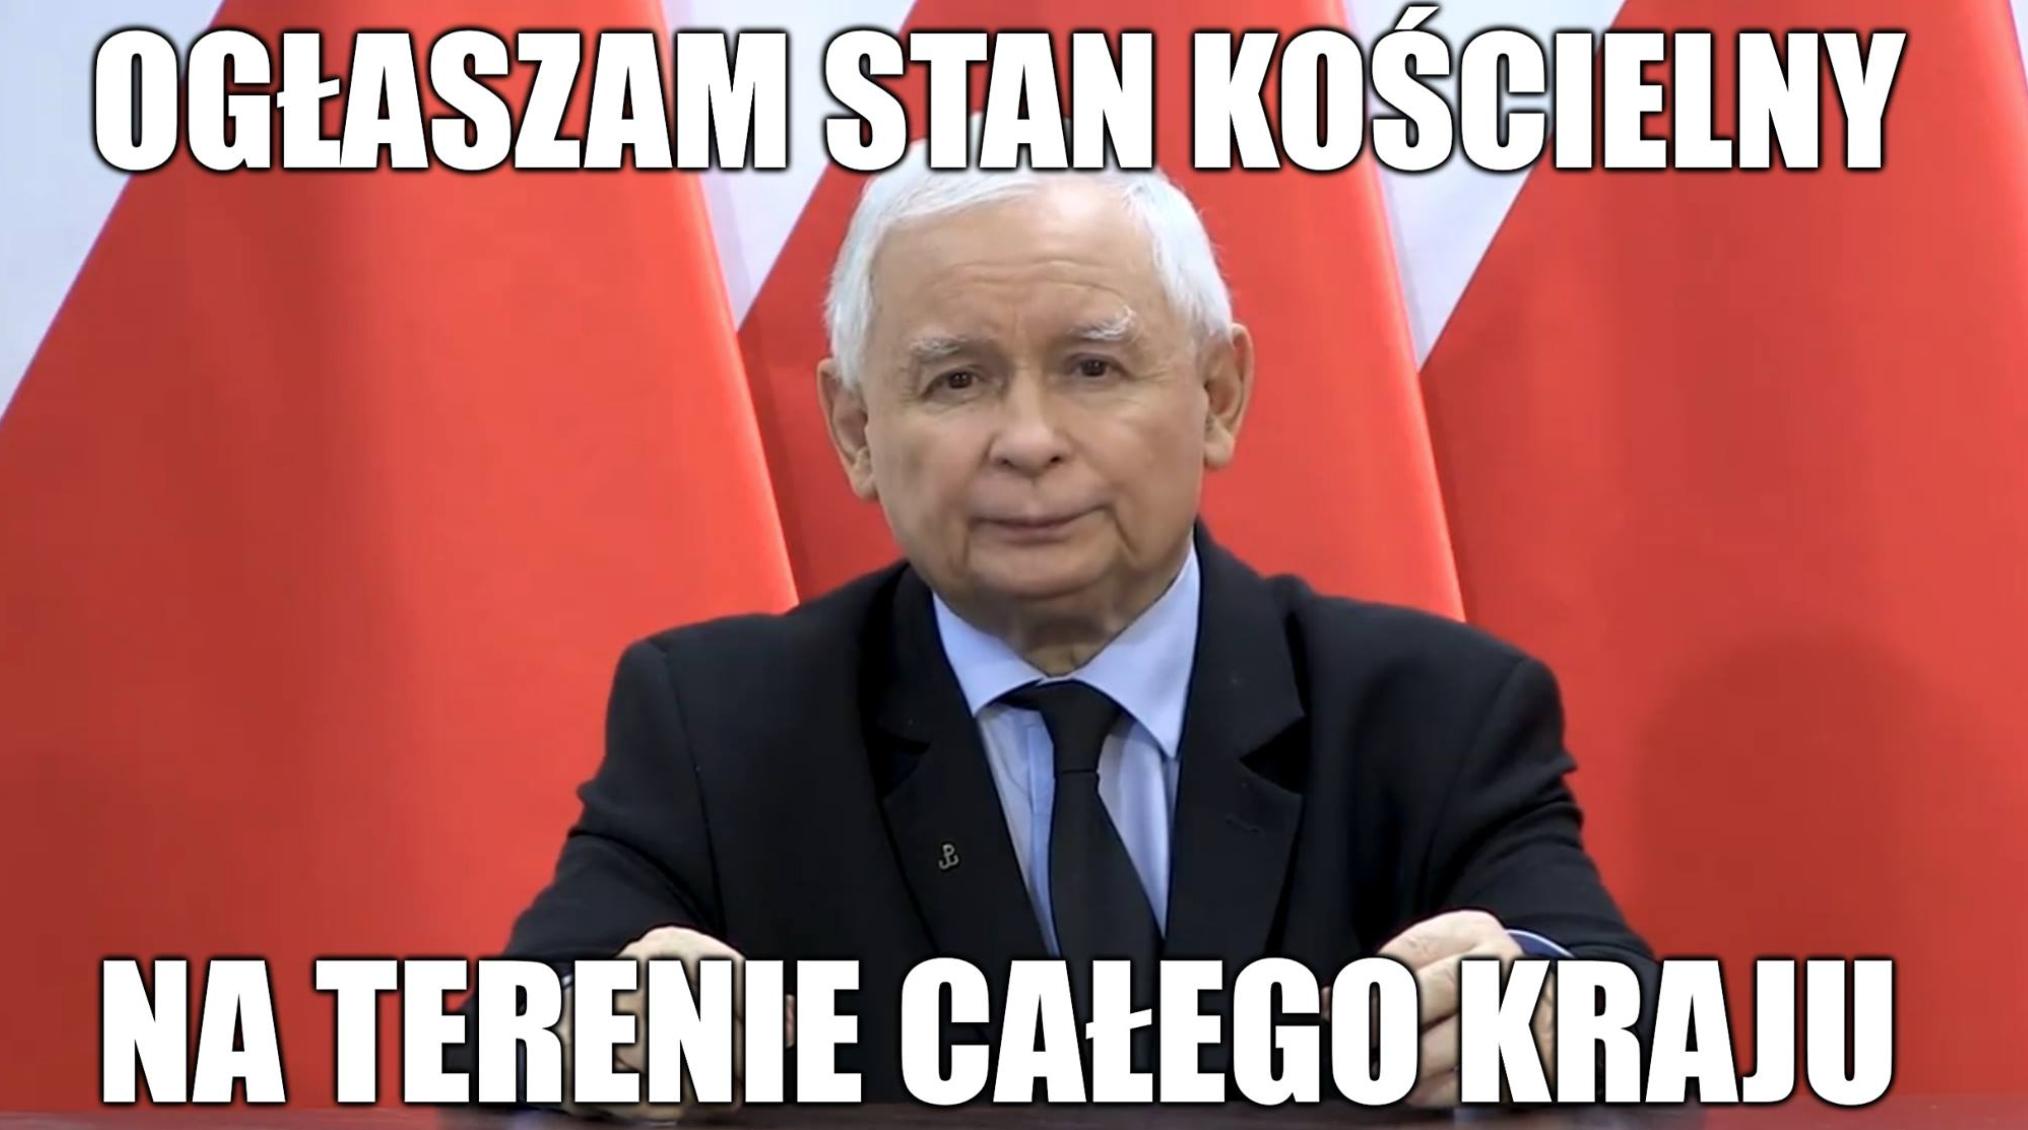 Jarosław Kaczyński wręcz zachęca do starć na ulicach, wzywa do obrony kościołów i walki z protestującymi